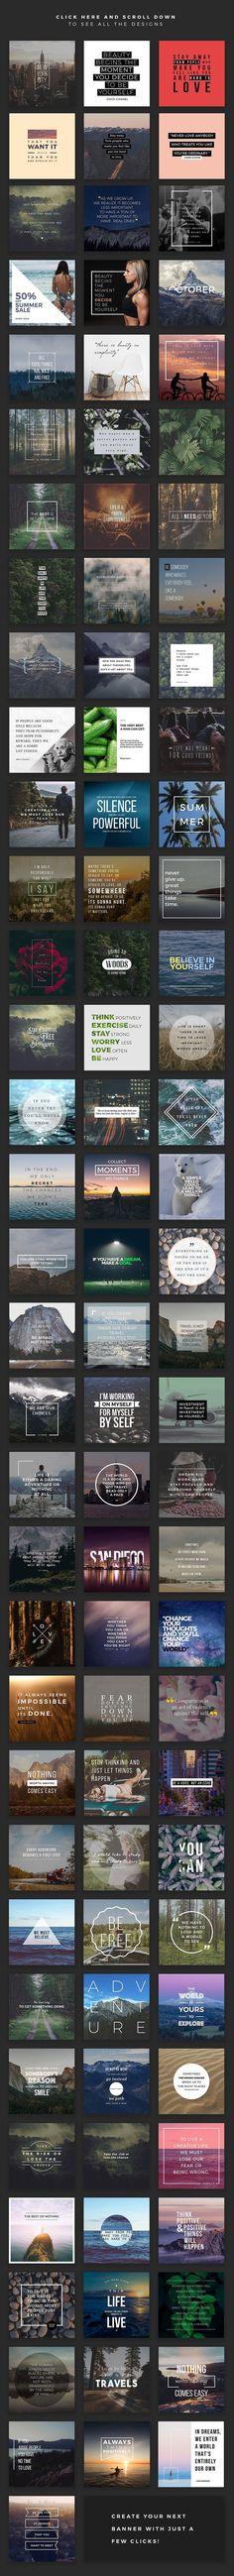 MegaPack Social Media Banner by MinimalStudioCo on @creativemarket